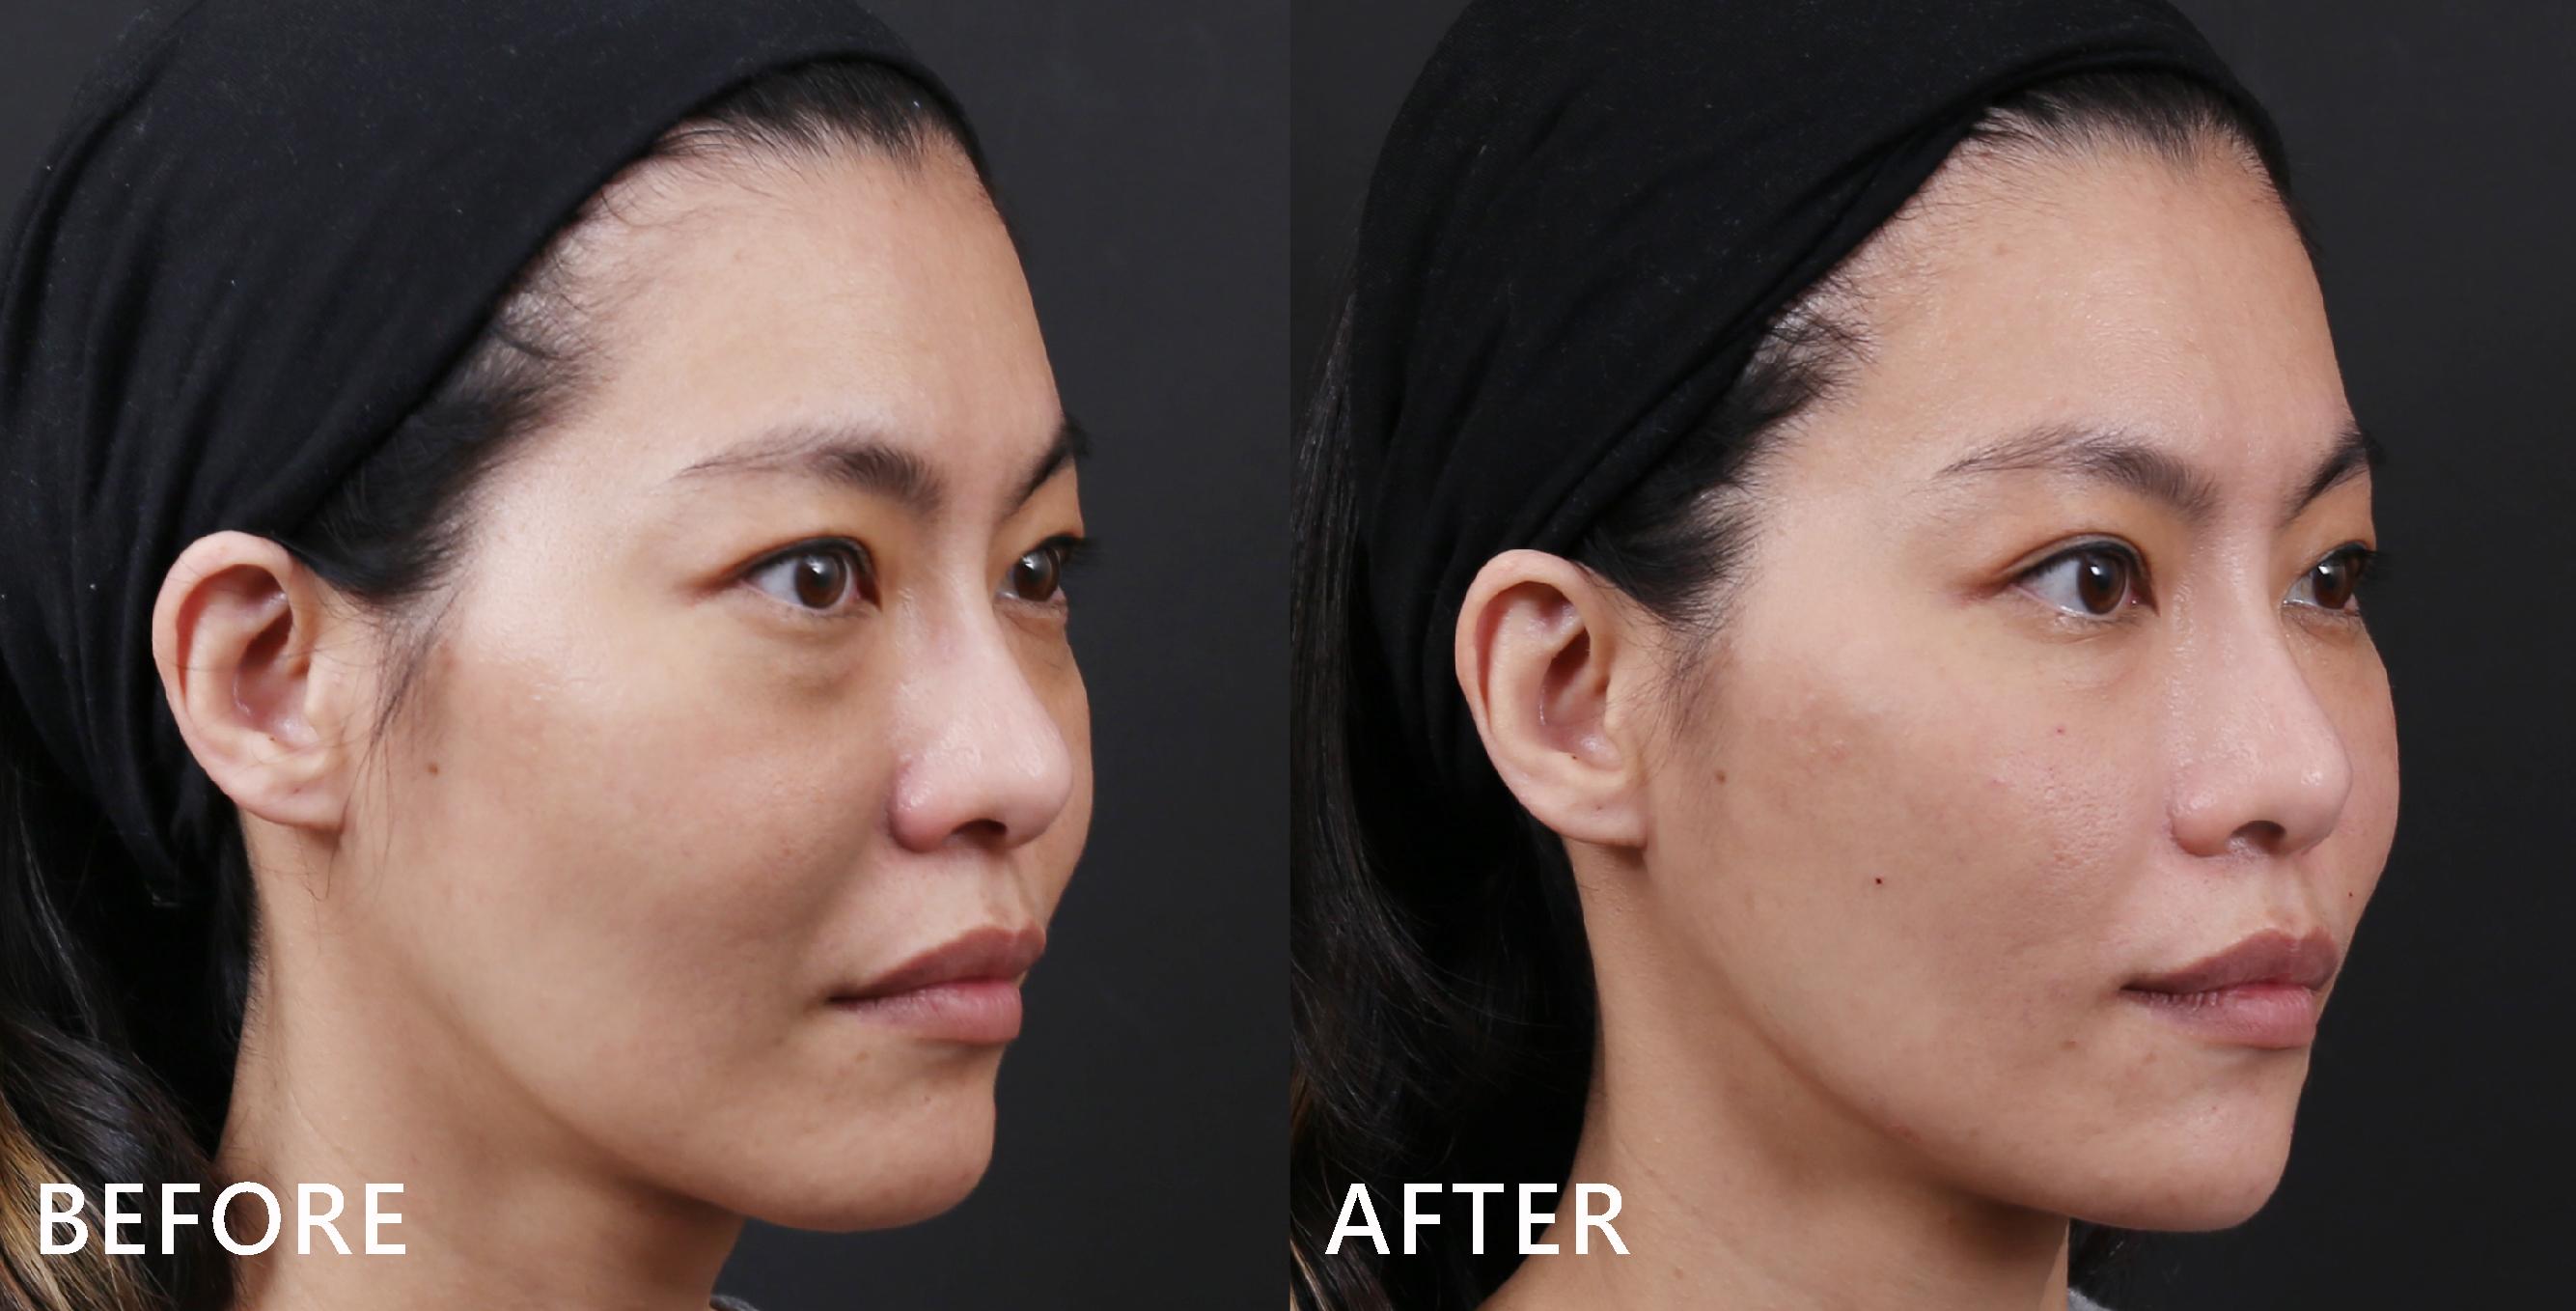 術後臉型的弧度也修飾得更順,下巴線條也變得更美(效果因個案而異)